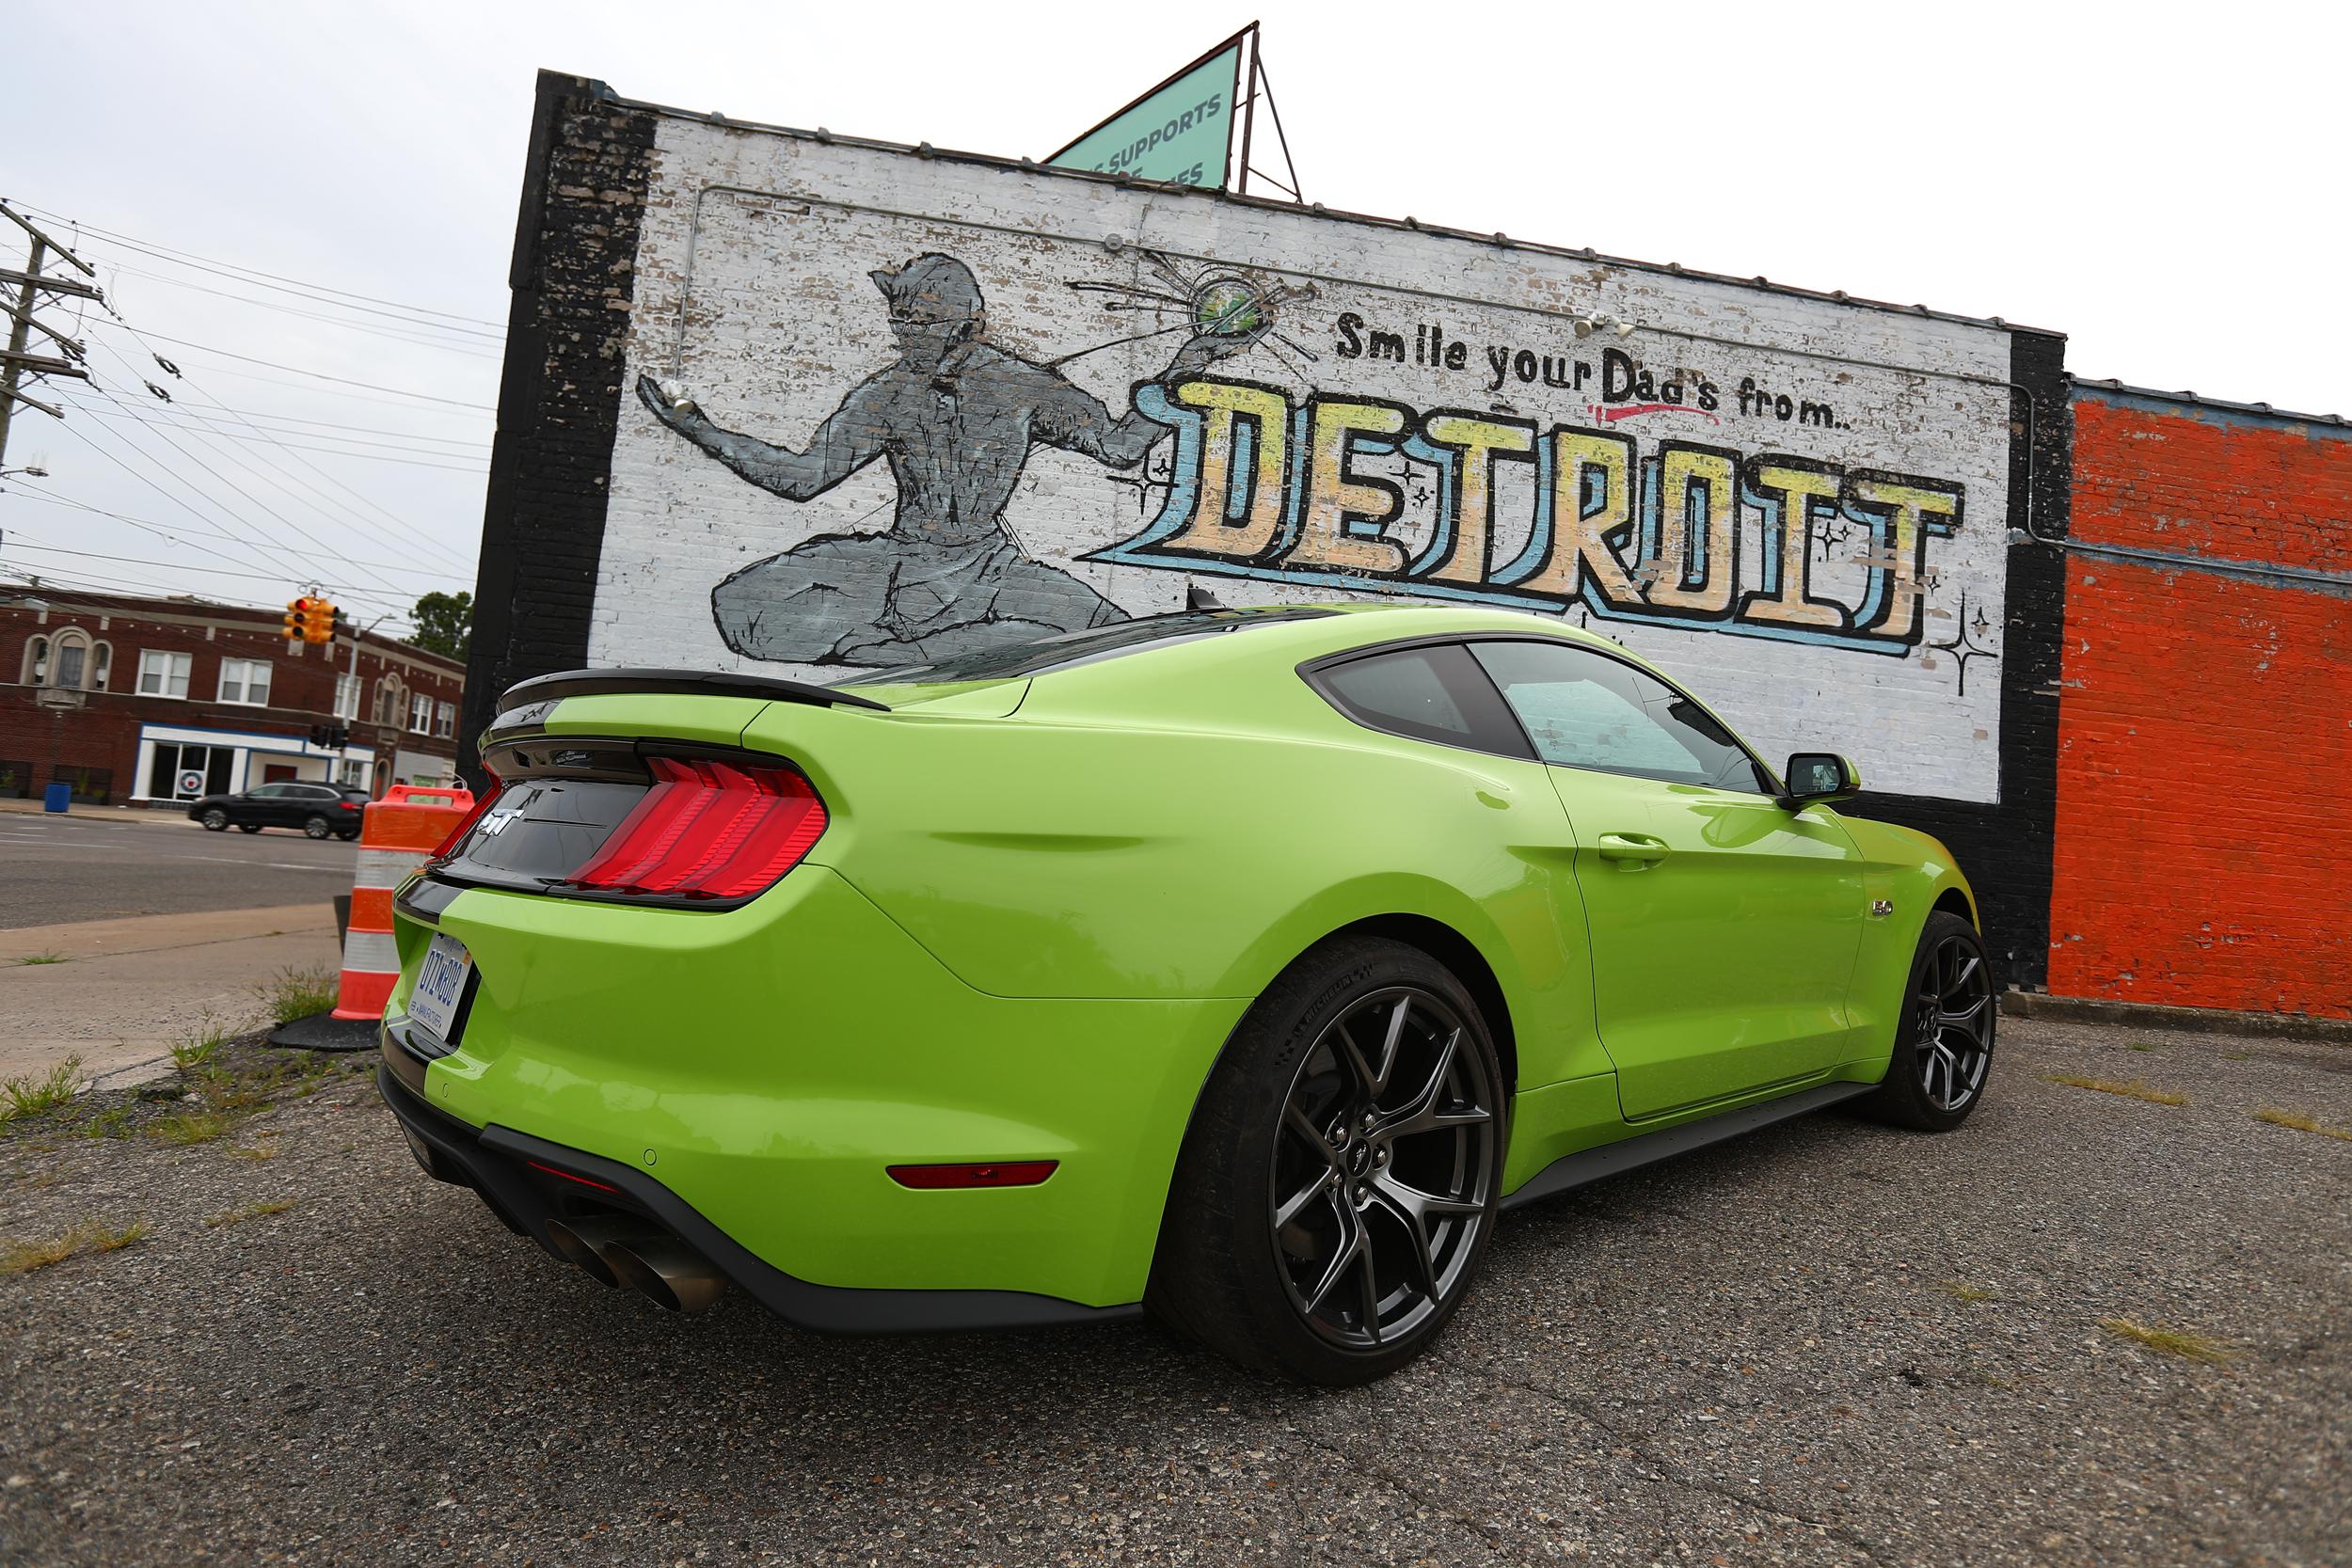 Grabber_lime_green_2020_Mustang